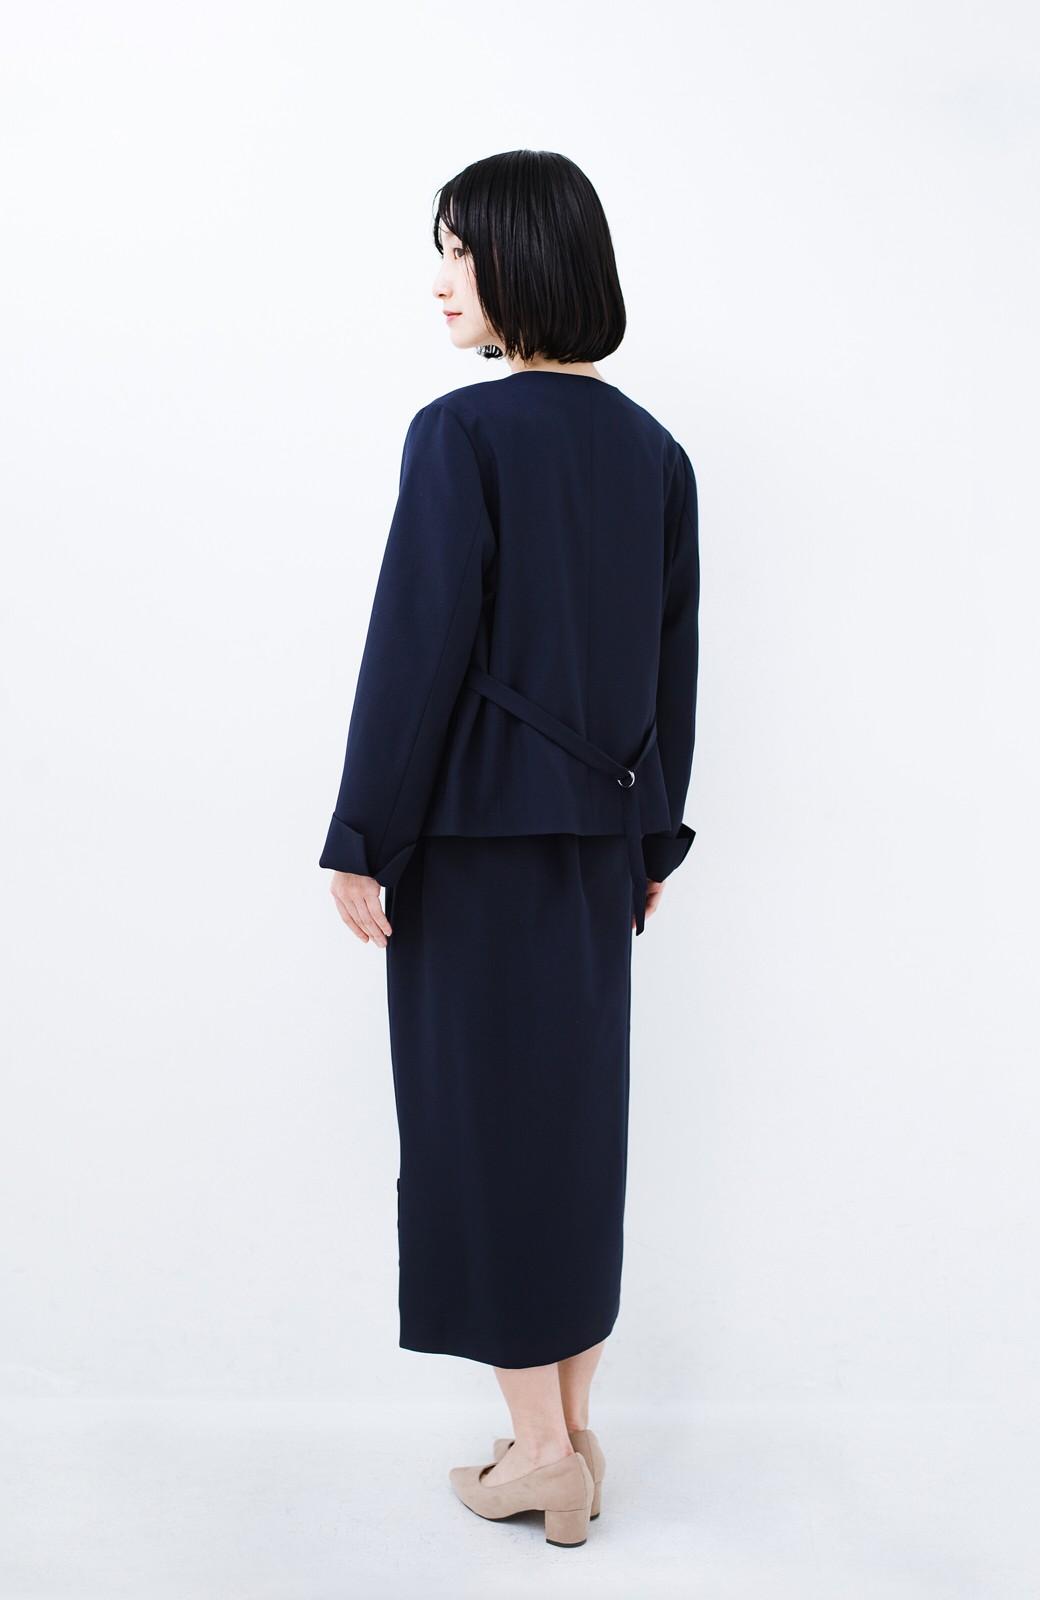 haco! 持っていると便利な野暮ったくならないフォーマルジャケット・パンツ・スカートの3点セット <ダークネイビー>の商品写真8